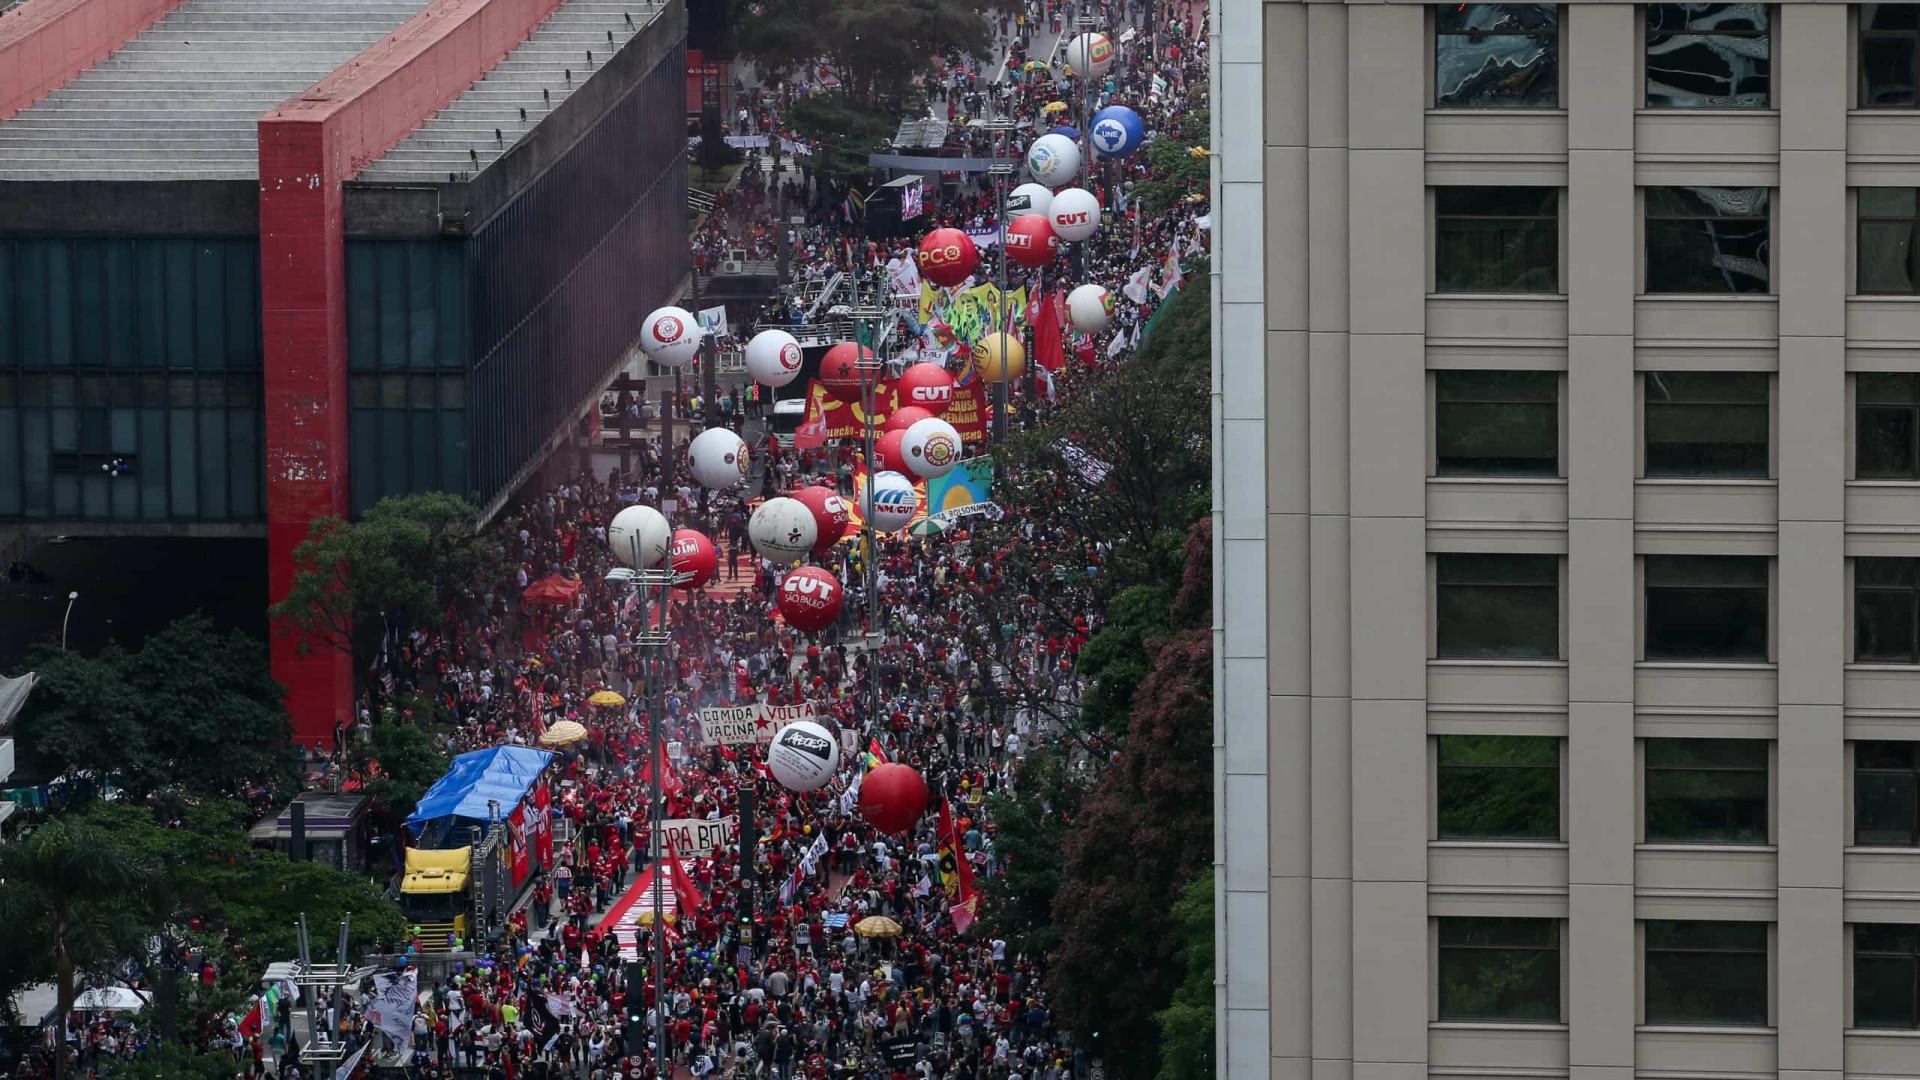 Organizadores do 'fora, Bolsonaro' já convocam para ato em 15 de novembro